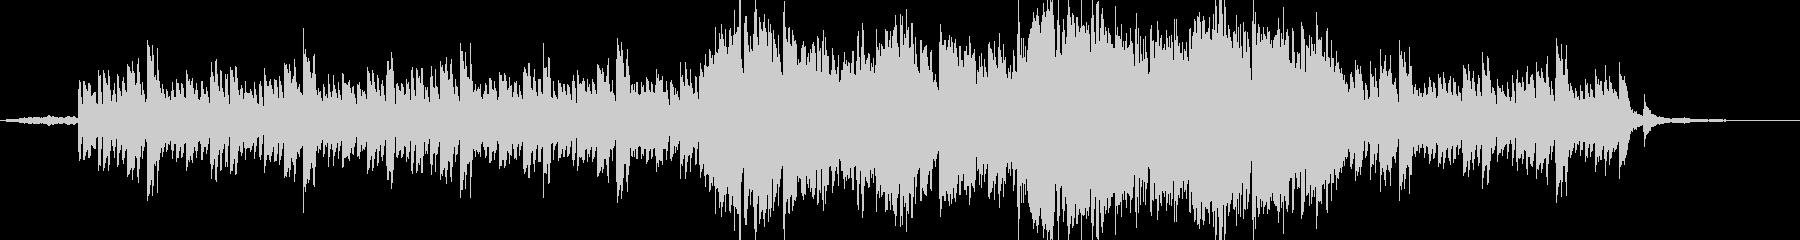 アンビエント 感情的 バラード 弦...の未再生の波形